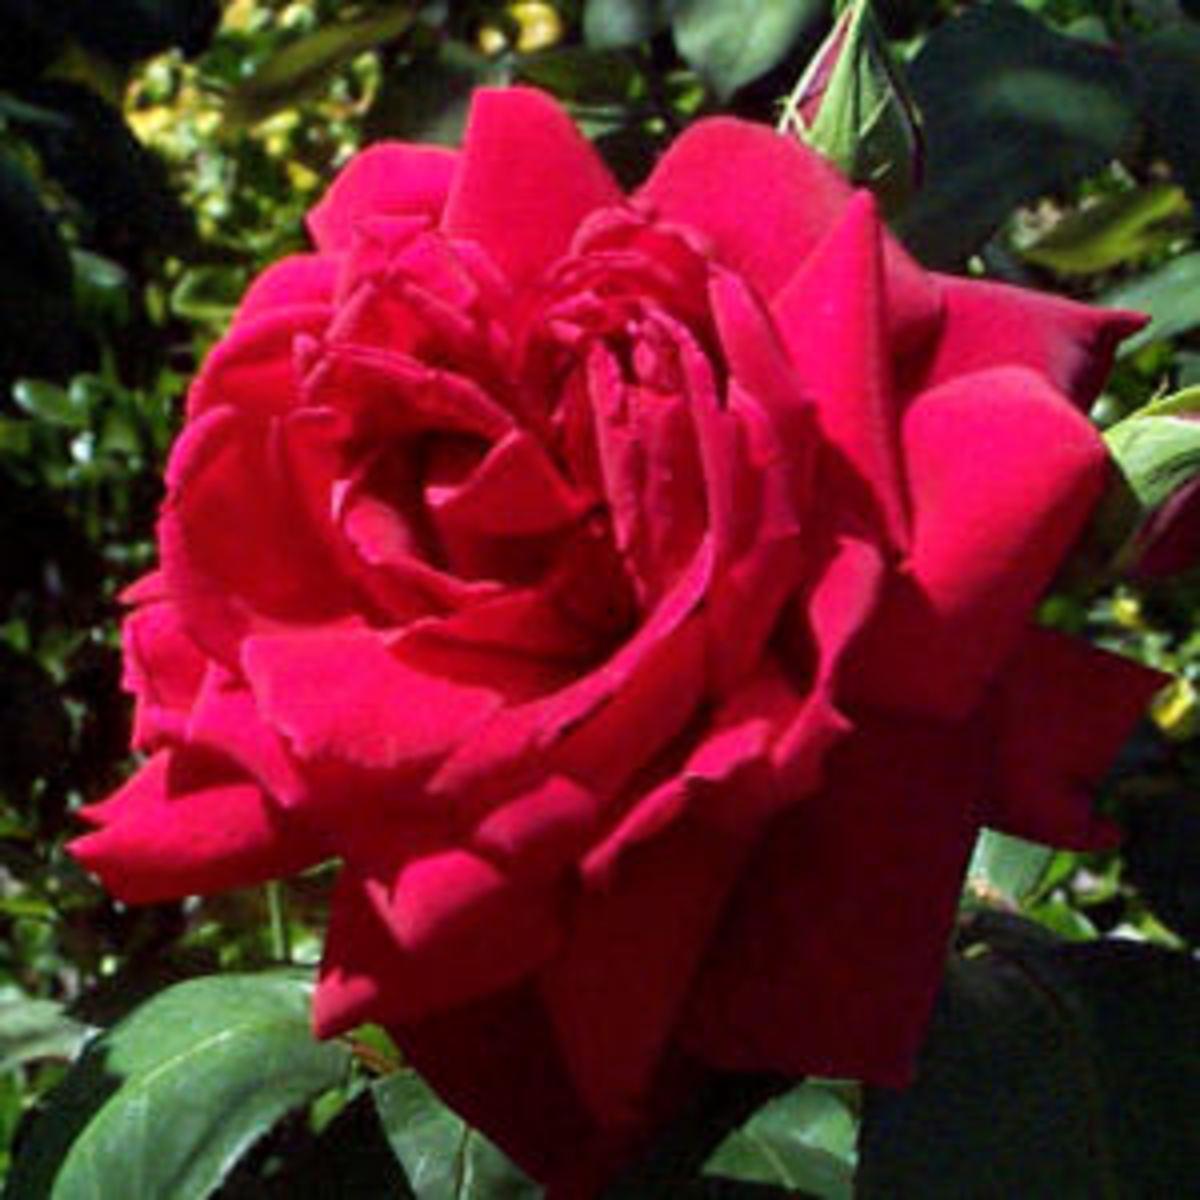 Oklahoma rose